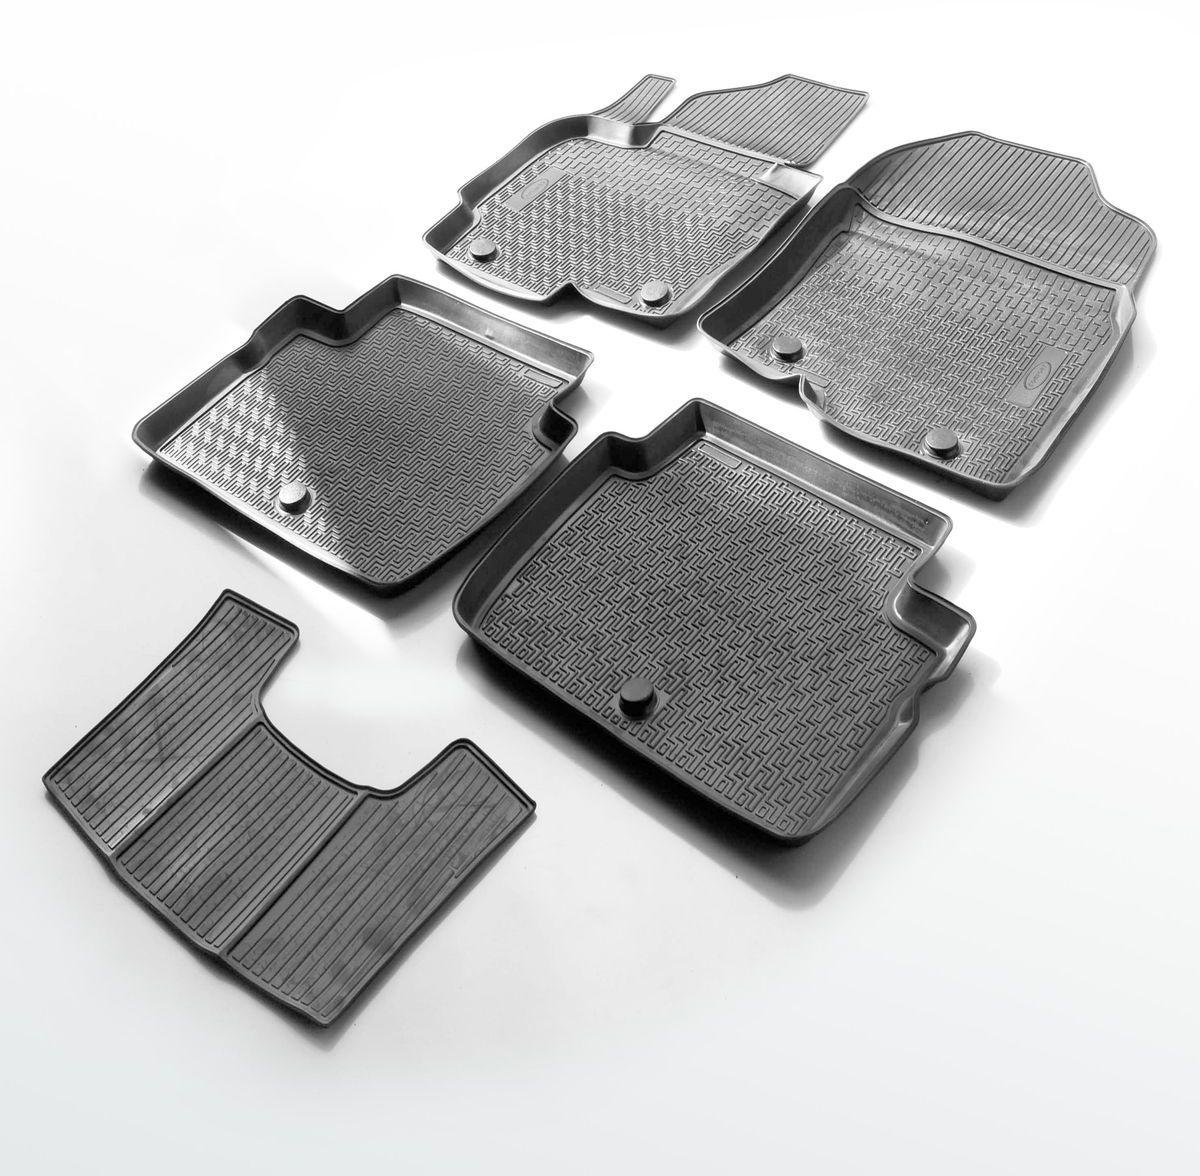 Коврики салона Rival для Nissan X-Trail 2011-2015, c перемычкой, полиуретан0014109002Прочные и долговечные коврики Rival в салон автомобиля, изготовлены из высококачественного и экологичного сырья, полностью повторяют геометрию салона вашего автомобиля. - Надежная система крепления, позволяющая закрепить коврик на штатные элементы фиксации, в результате чего отсутствует эффект скольжения по салону автомобиля. - Высокая стойкость поверхности к стиранию. - Специализированный рисунок и высокий борт, препятствующие распространению грязи и жидкости по поверхности коврика. - Перемычка задних ковриков в комплекте предотвращает загрязнение тоннеля карданного вала. - Произведены из первичных материалов, в результате чего отсутствует неприятный запах в салоне автомобиля. - Высокая эластичность, можно беспрепятственно эксплуатировать при температуре от -45 ?C до +45 ?C. Уважаемые клиенты! Обращаем ваше внимание, что коврики имеет форму соответствующую модели данного автомобиля. Фото служит для визуального восприятия товара.